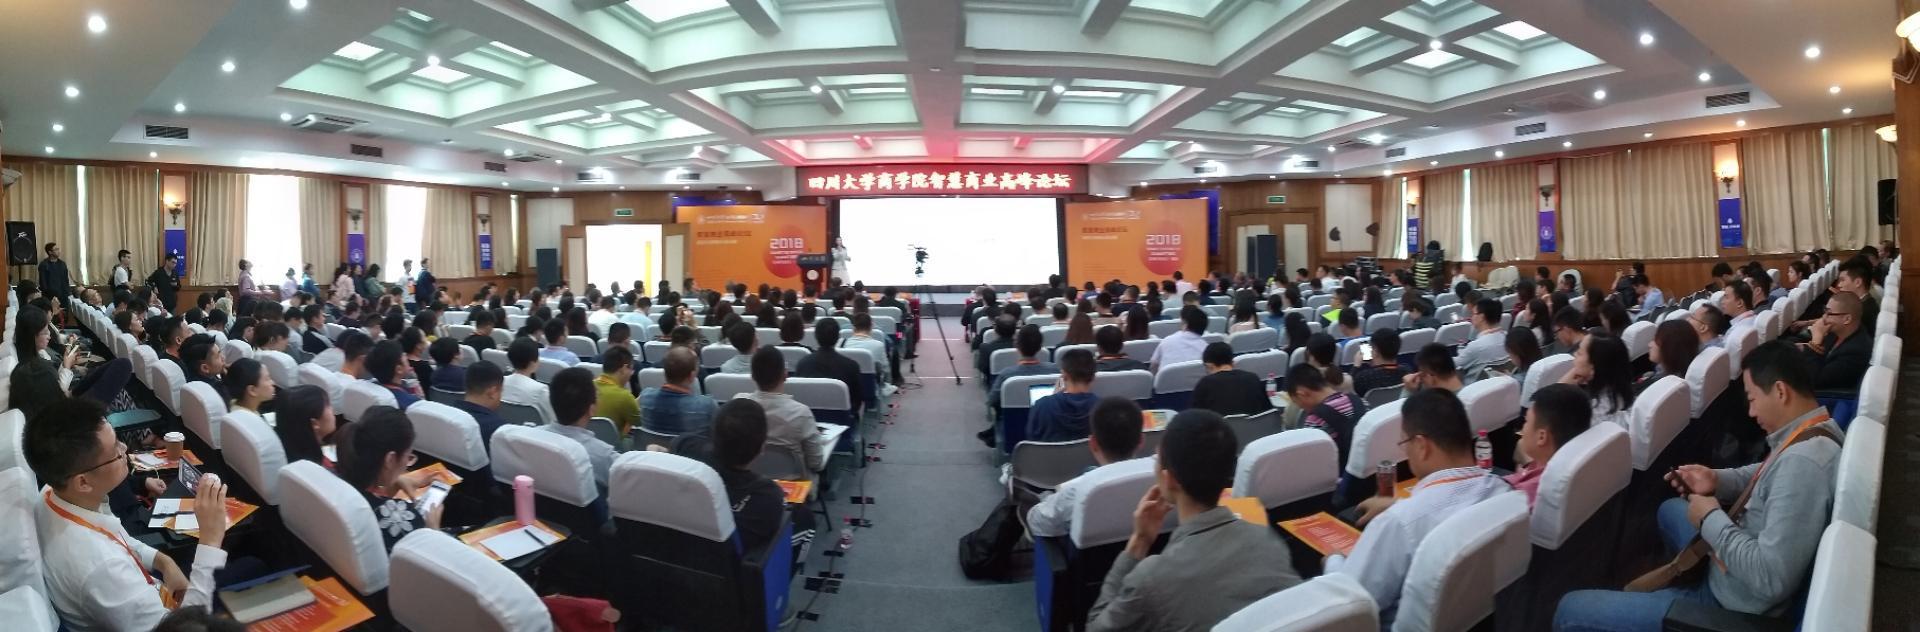 川大商学院智慧商业高峰论坛成都举行